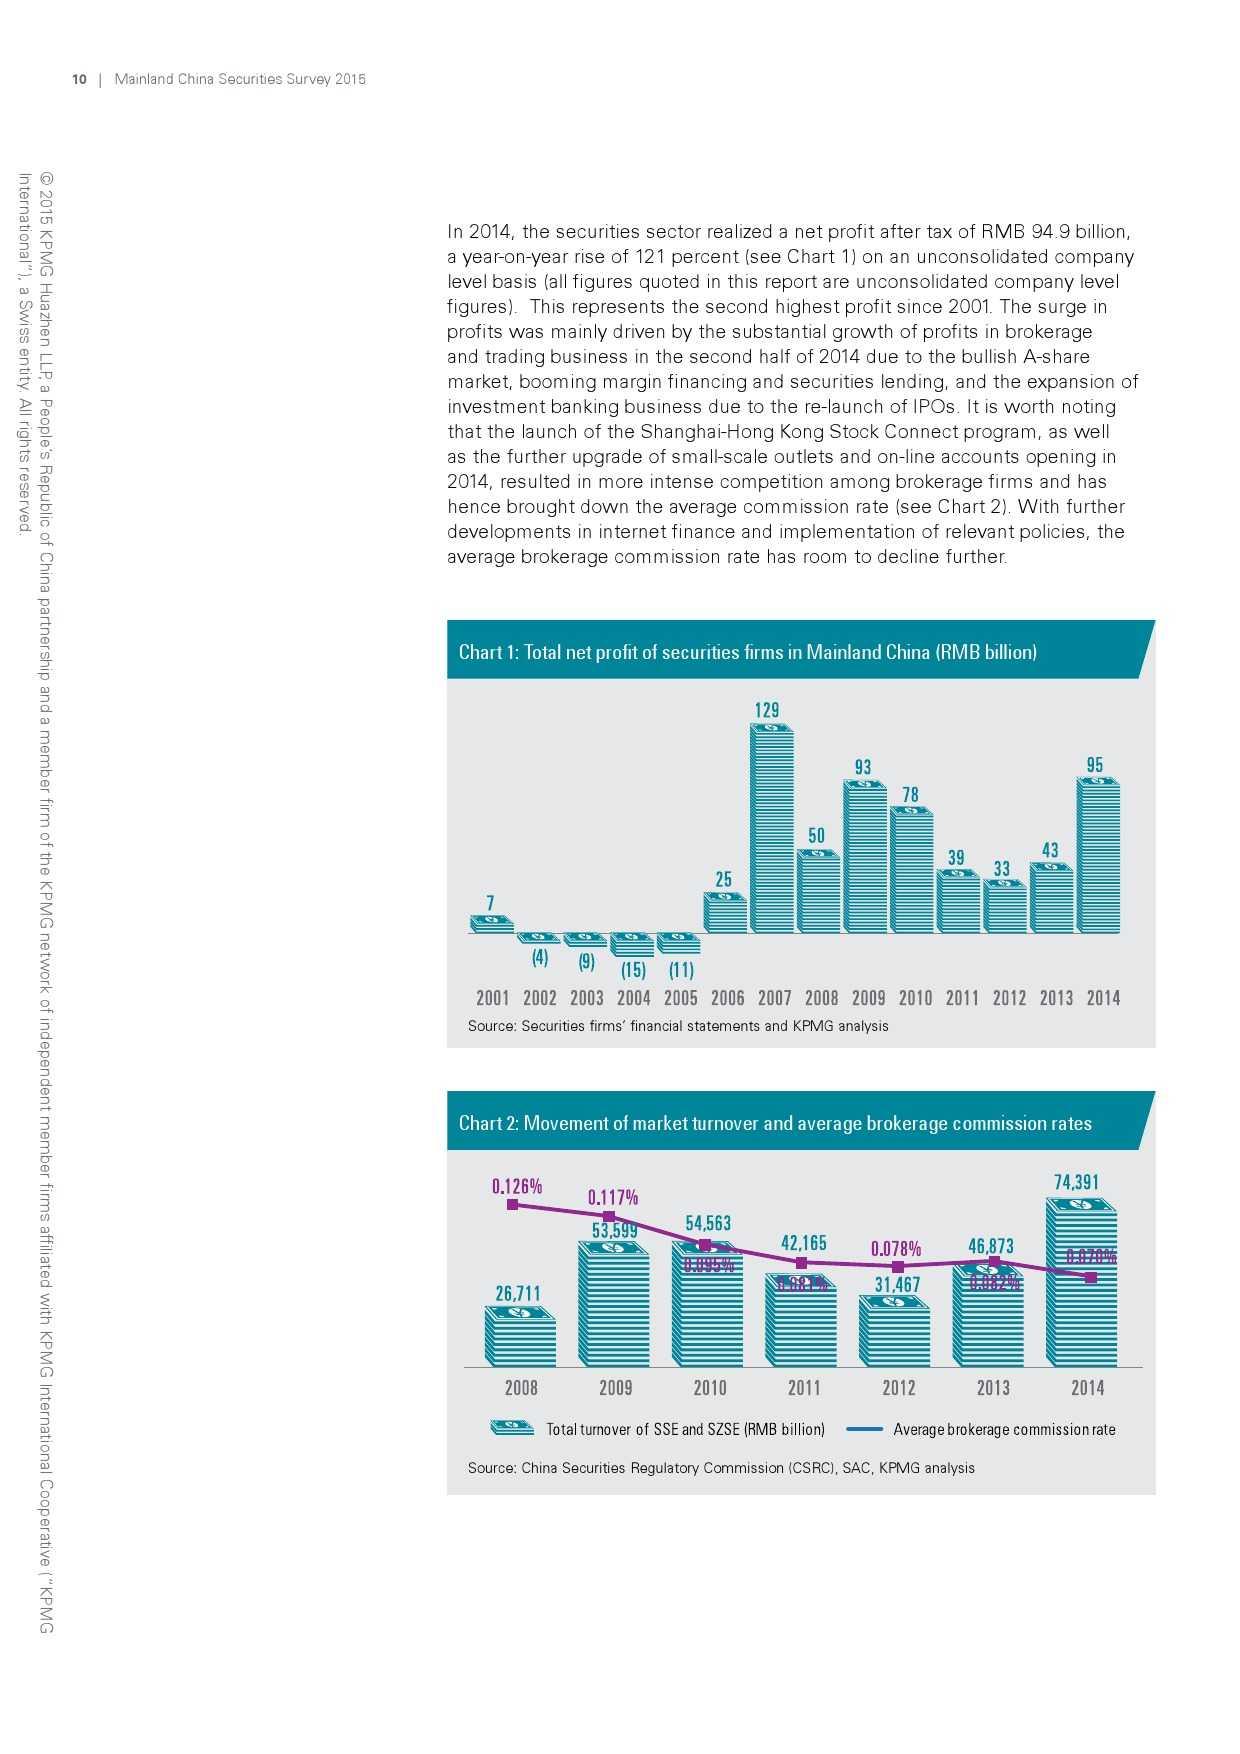 毕马威:2015年中国证券业调查报告_000012